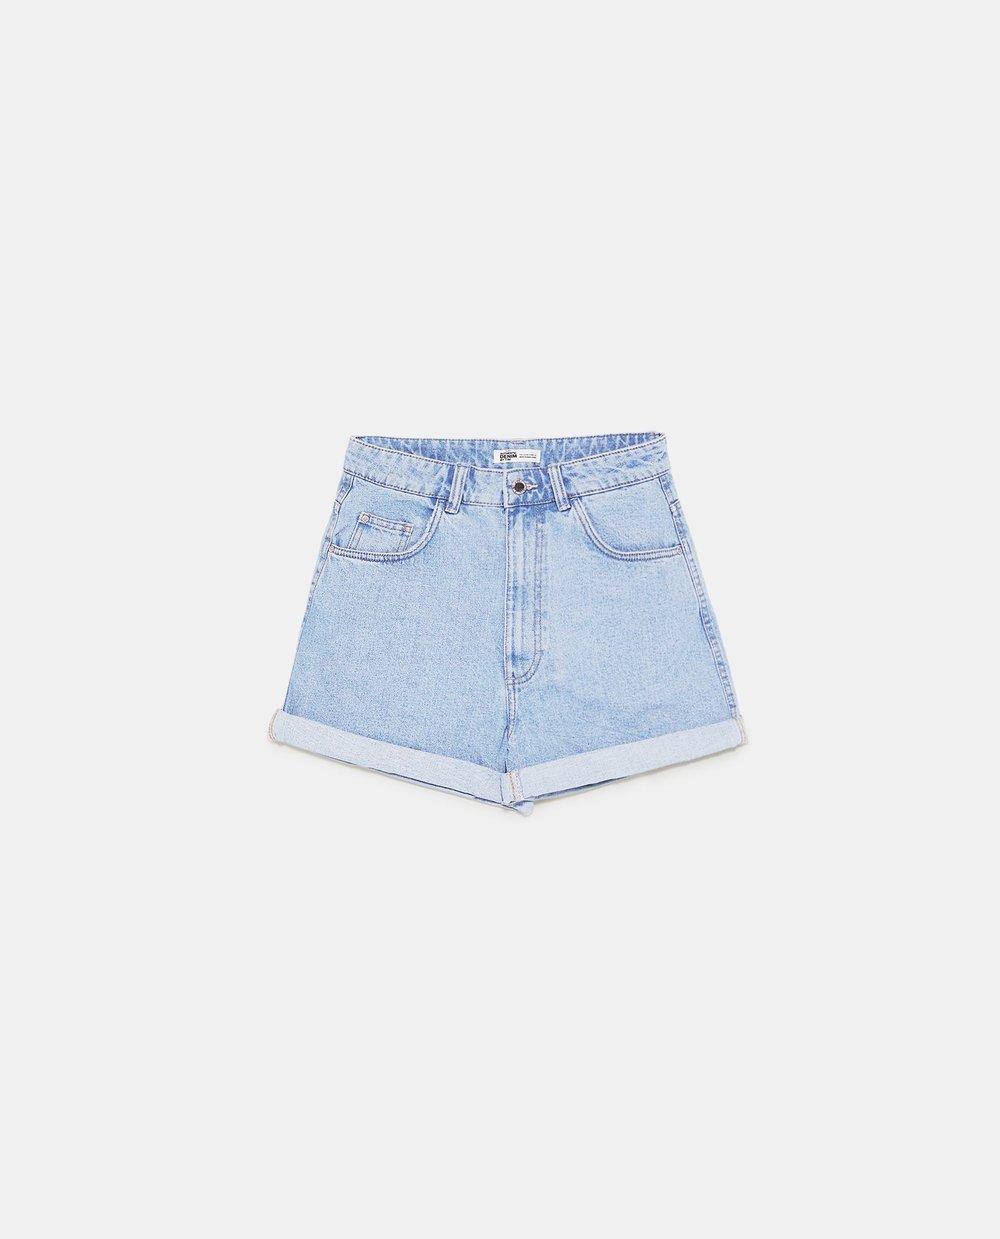 https://www.zara.com/ca/en/mom-fit-bermuda-shorts-p08197009.html?v1=5526013&v2=1058024